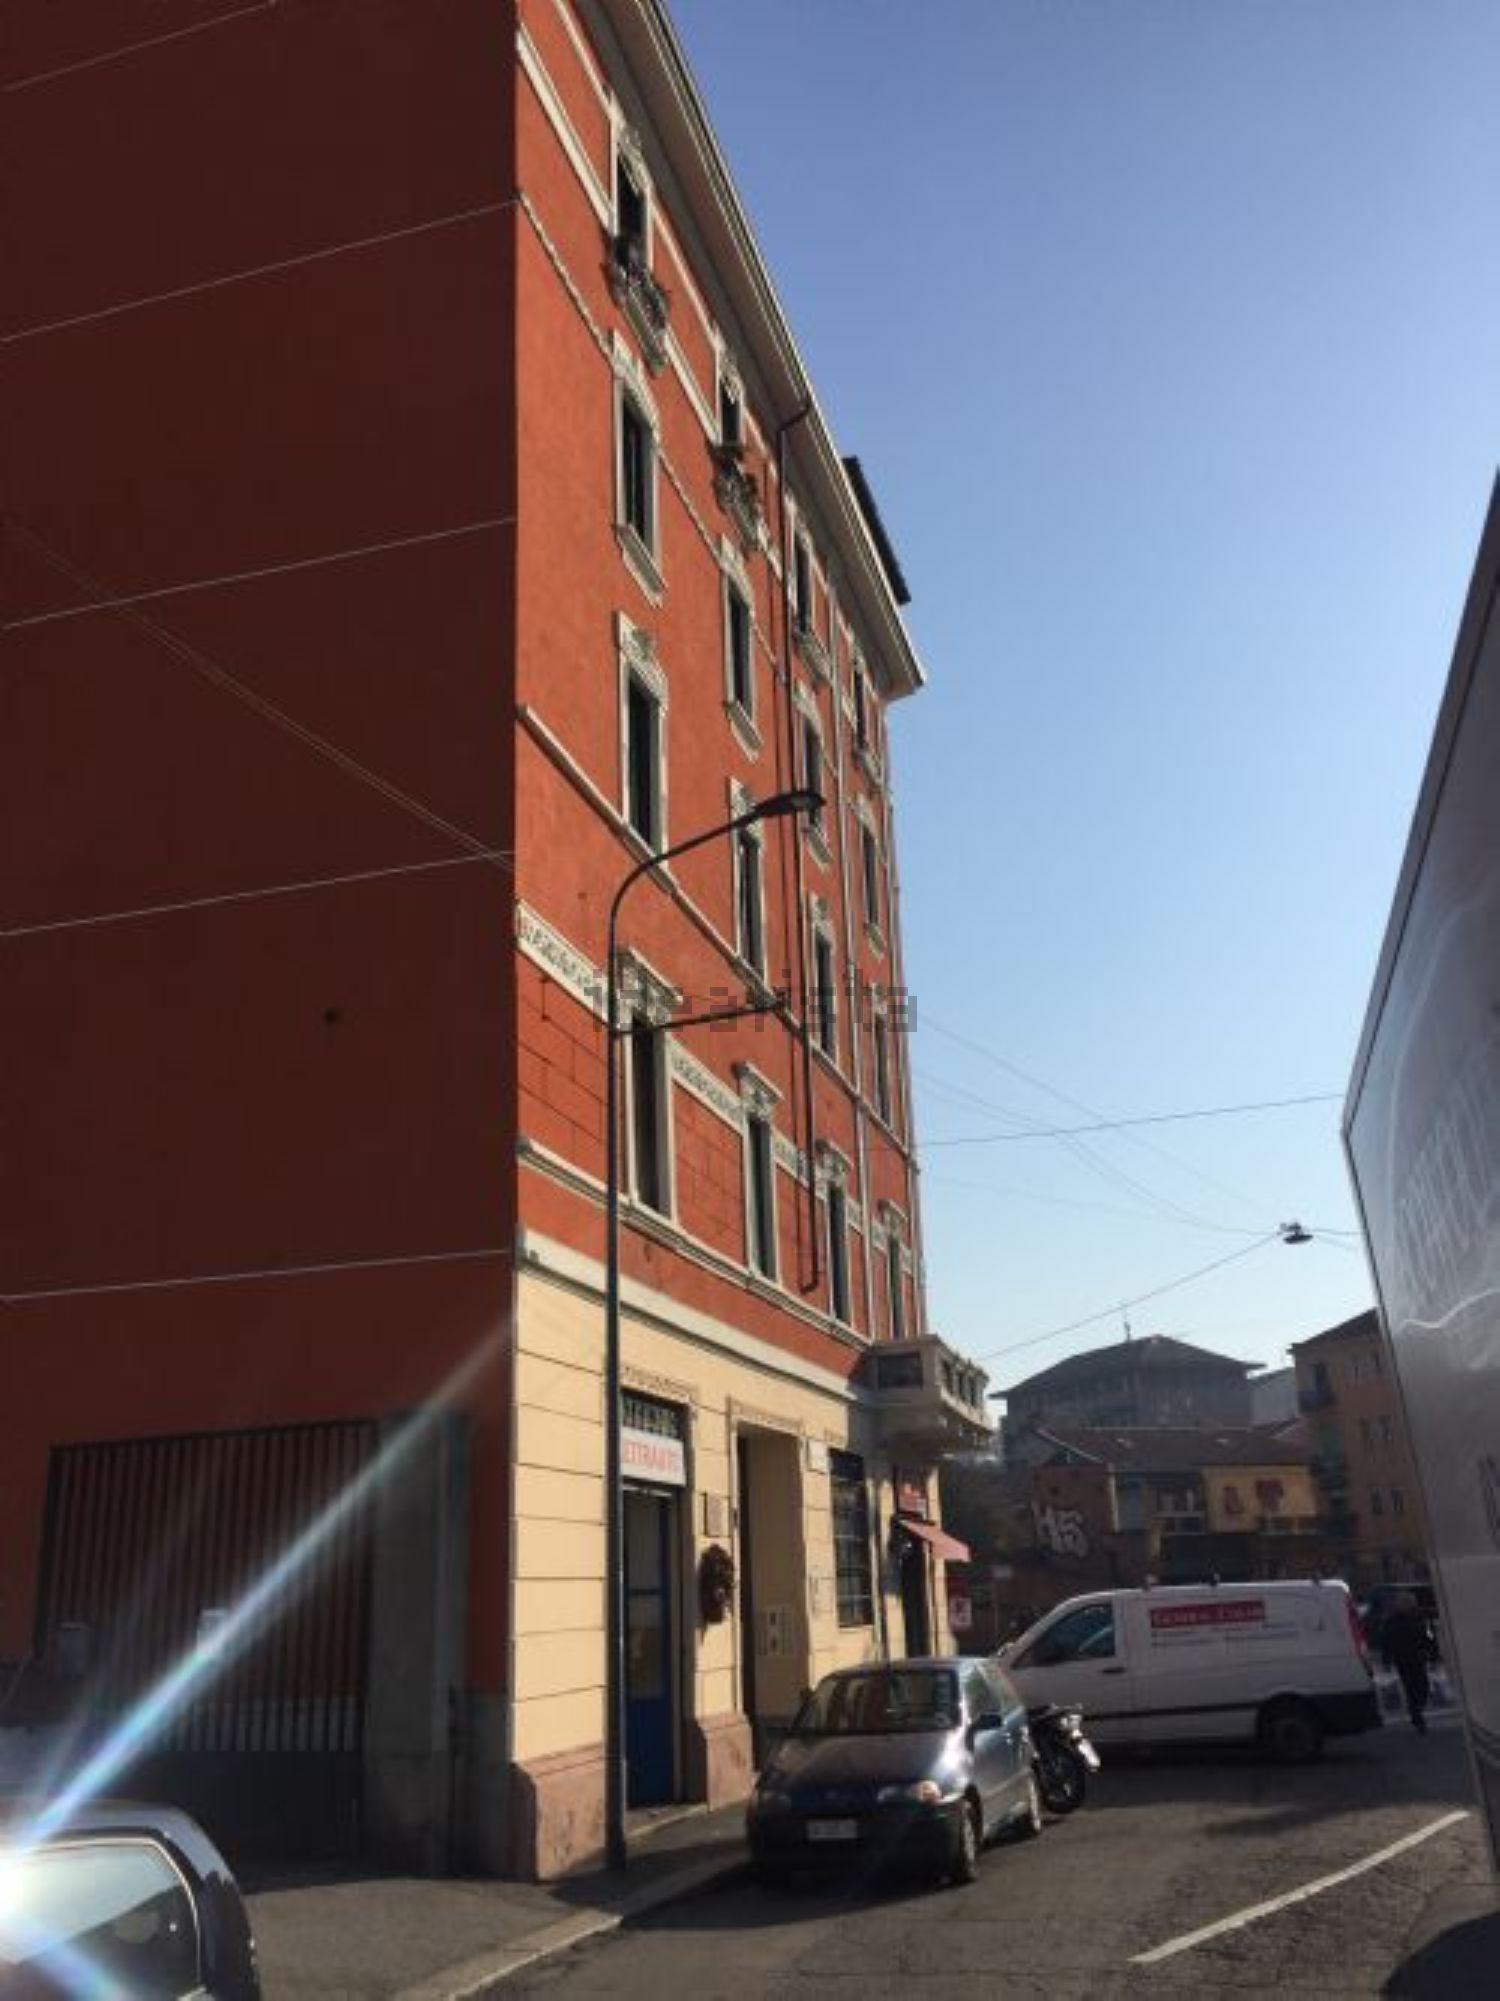 Affitto case, case Milano, affitto appartamenti su Bakeca